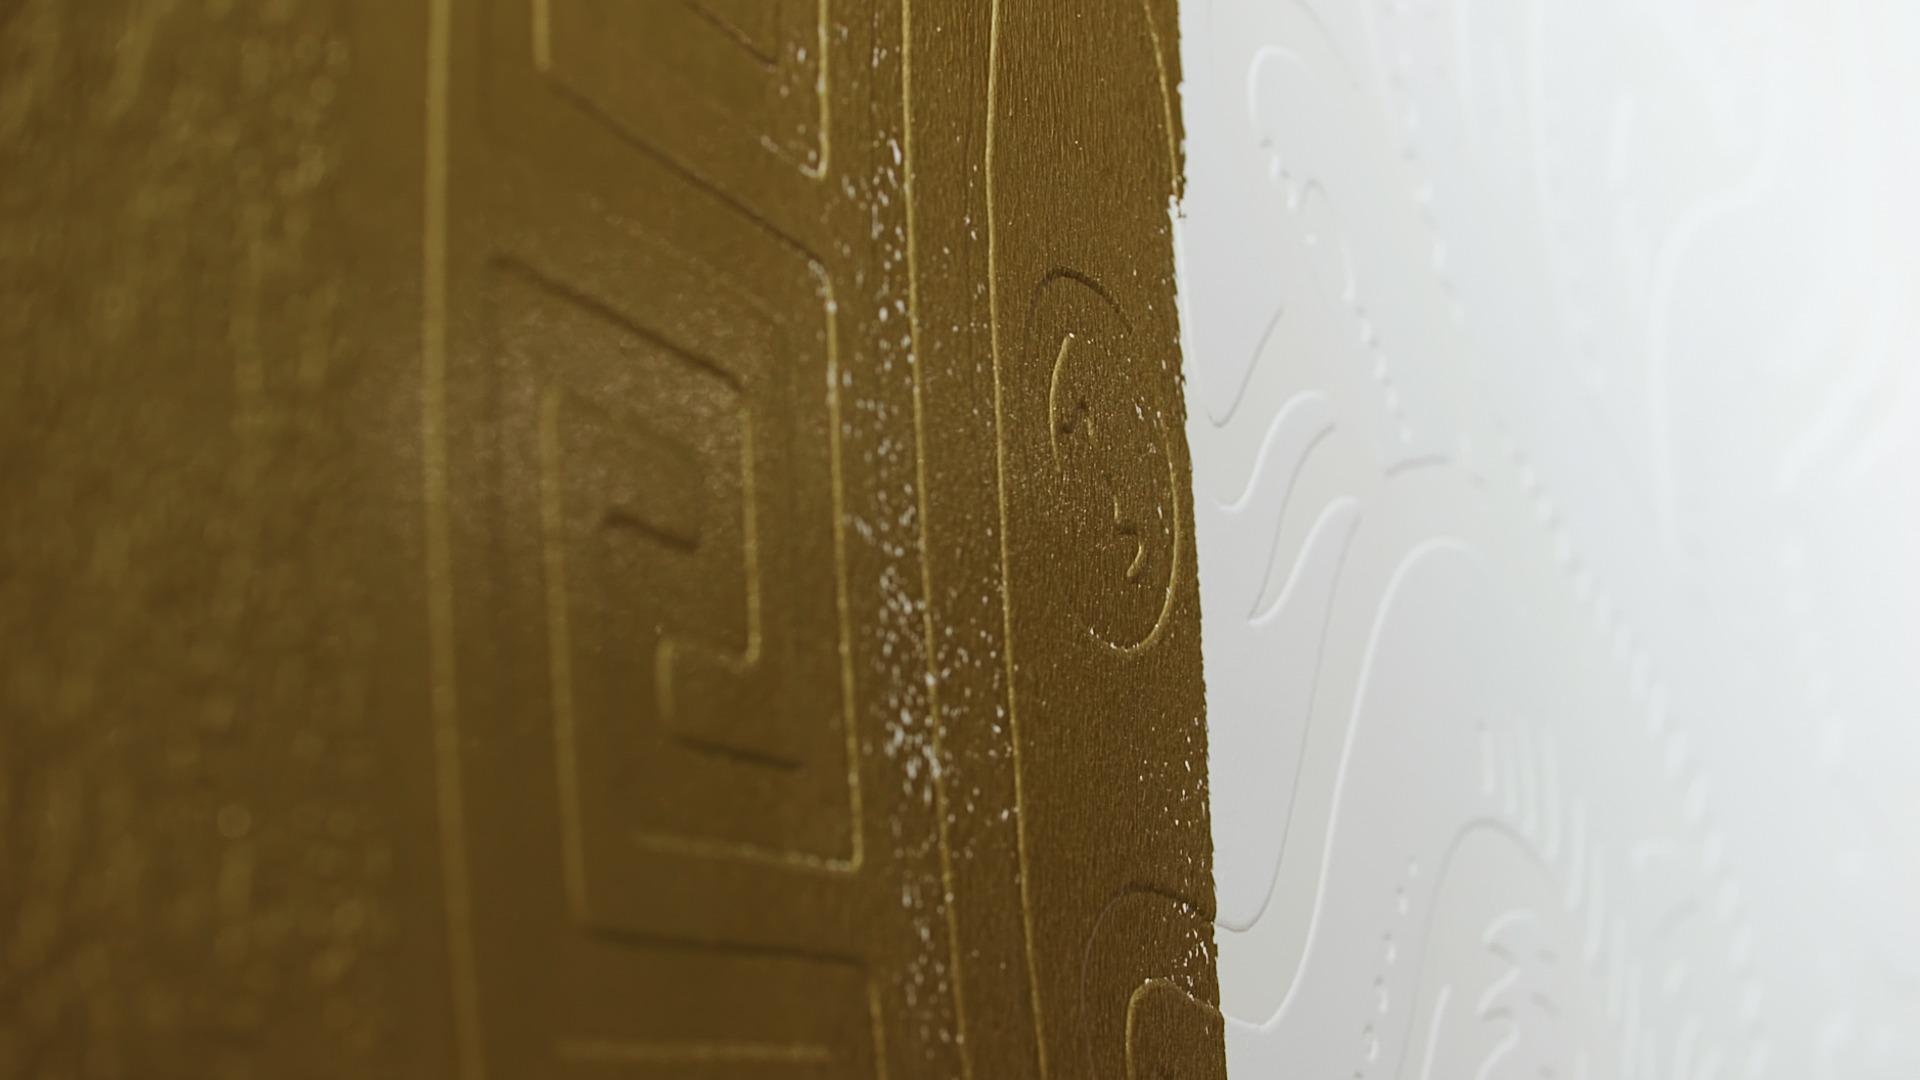 paintablewallpapers-01_1597149475-6fdf0c35e58205c35cae585c5c8fe565.jpg